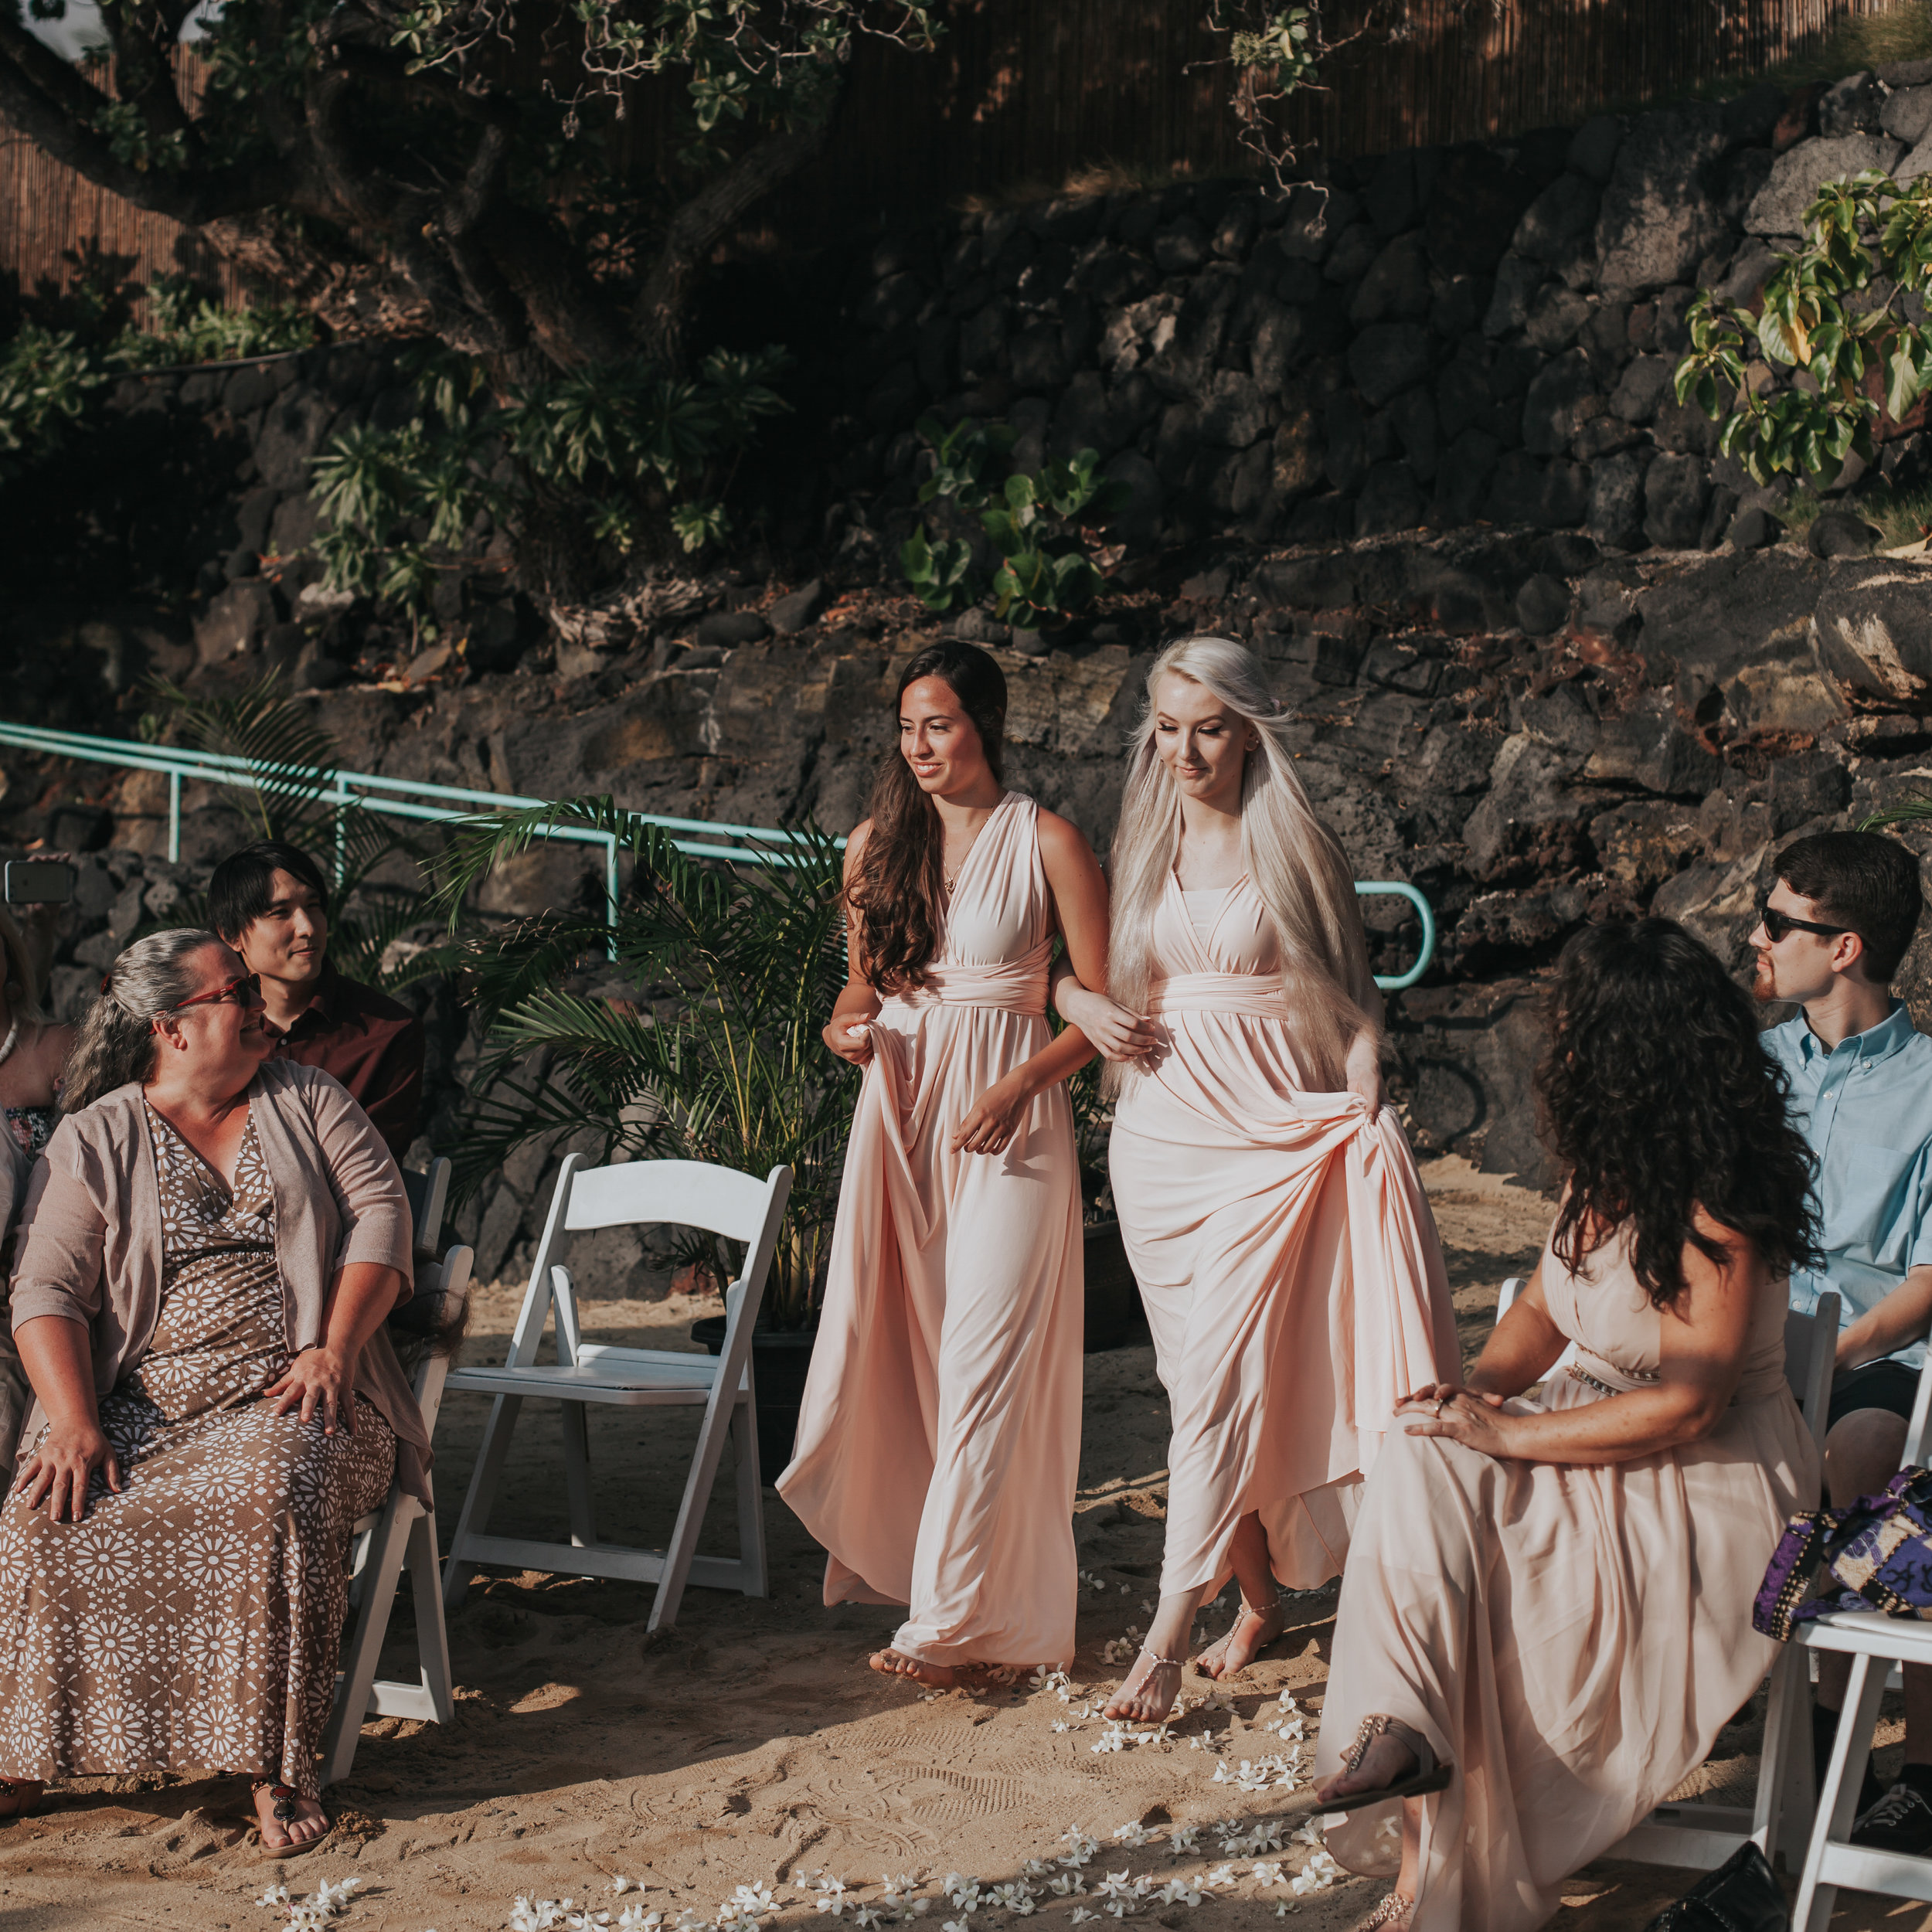 big island hawaii royal kona resort wedding kelilina photography 20171001164444-1.jpg